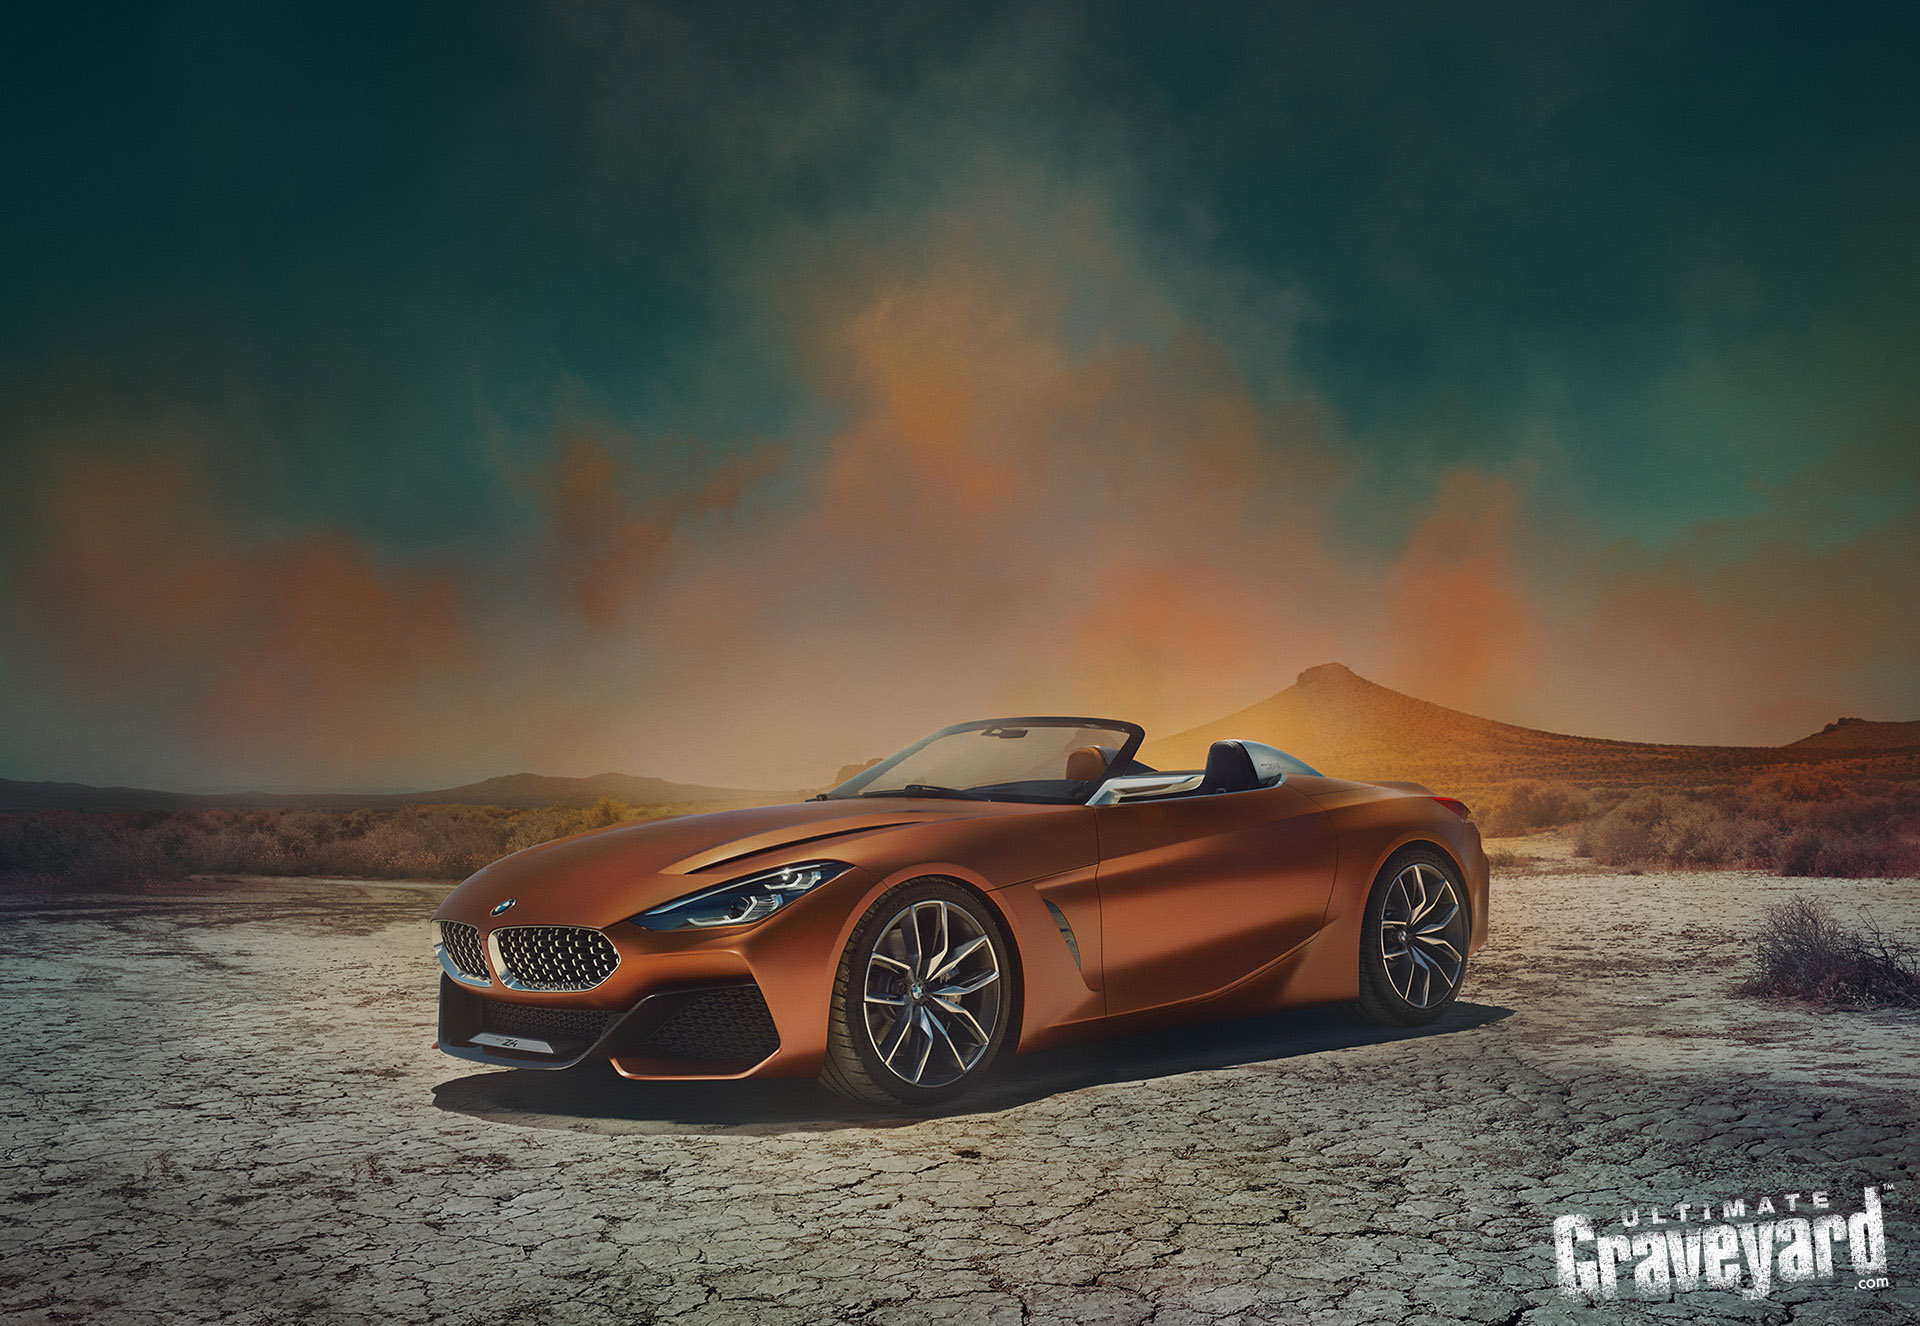 Bmw Top Secret Z4 Concept Car Shoot Ultimate Graveyard